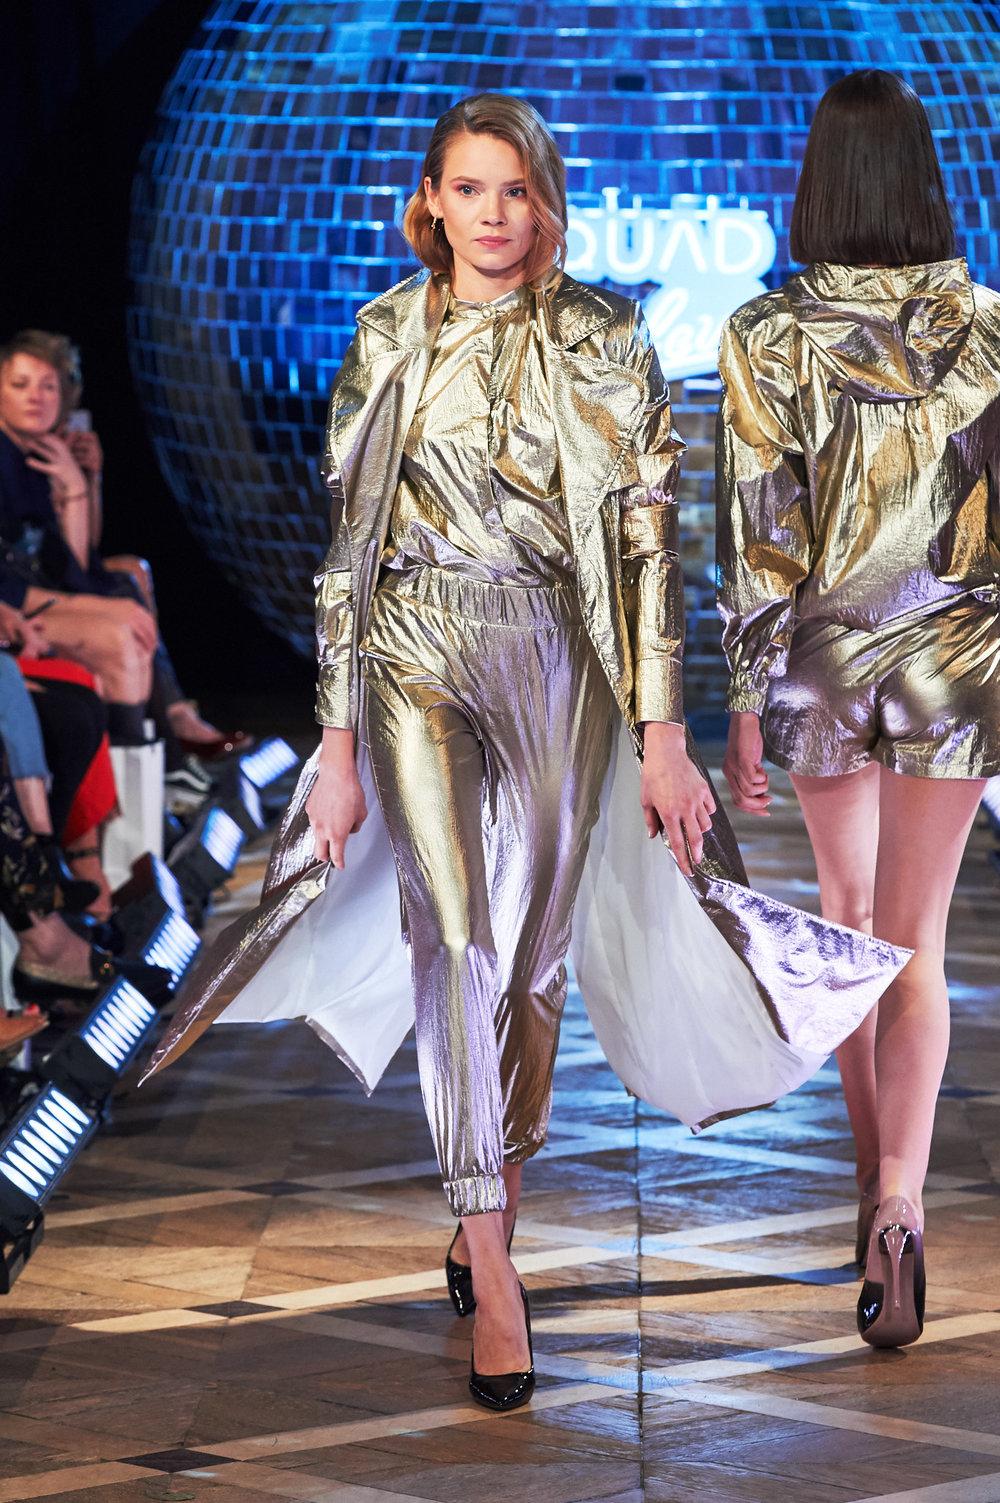 33_ZAQUAD_090519_lowres-fotFilipOkopny-FashionImages.jpg